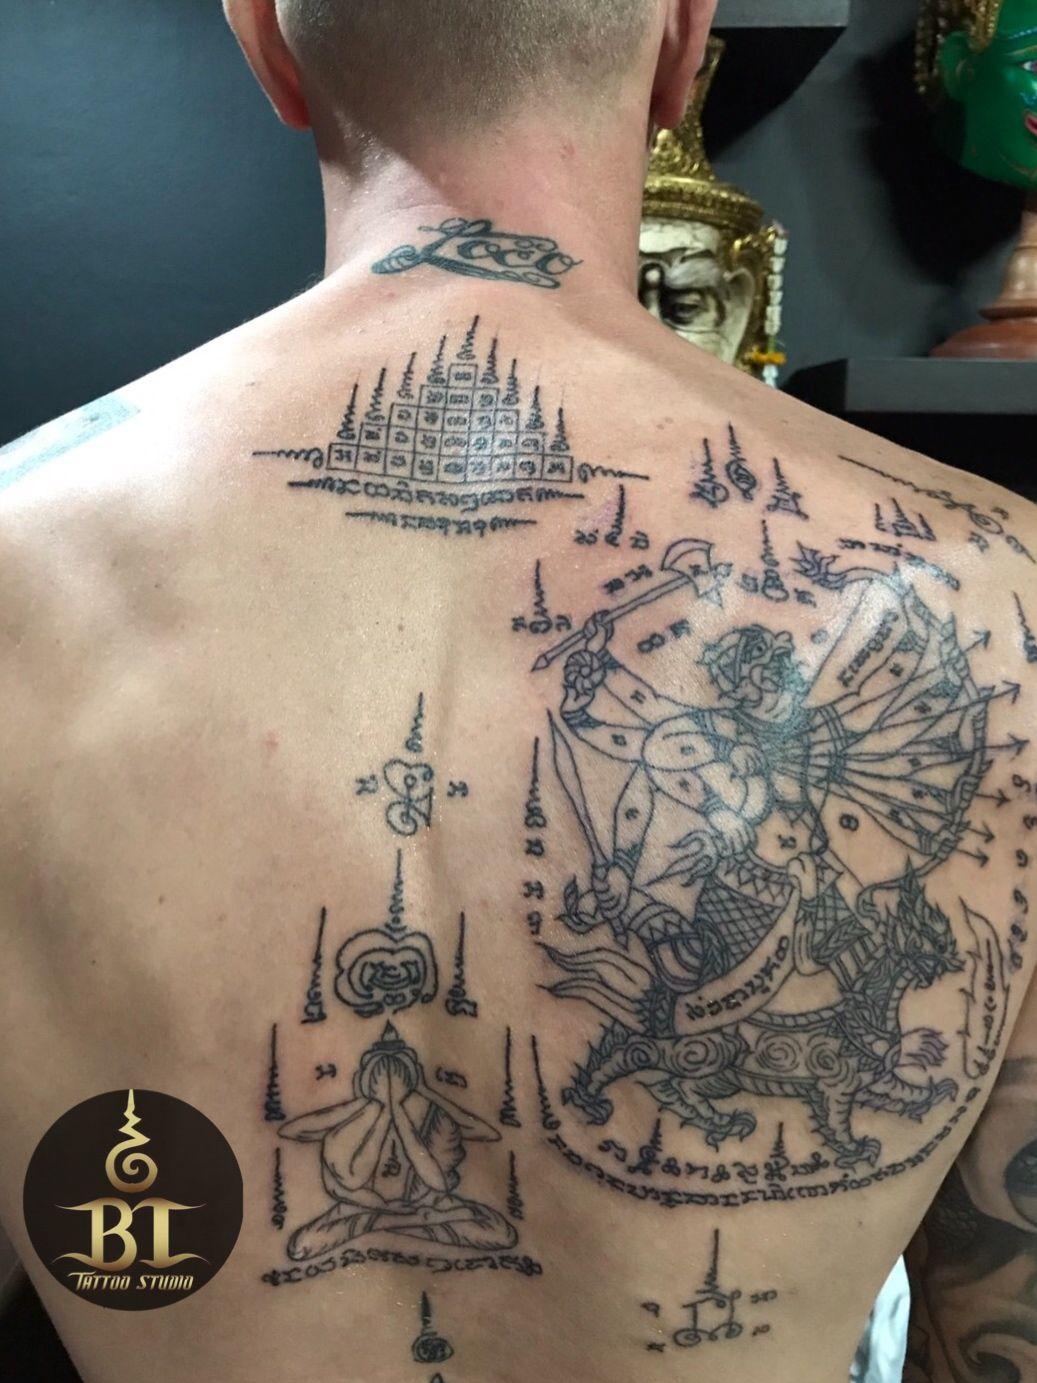 37+ Awesome Sak yant tattoo thailand image ideas